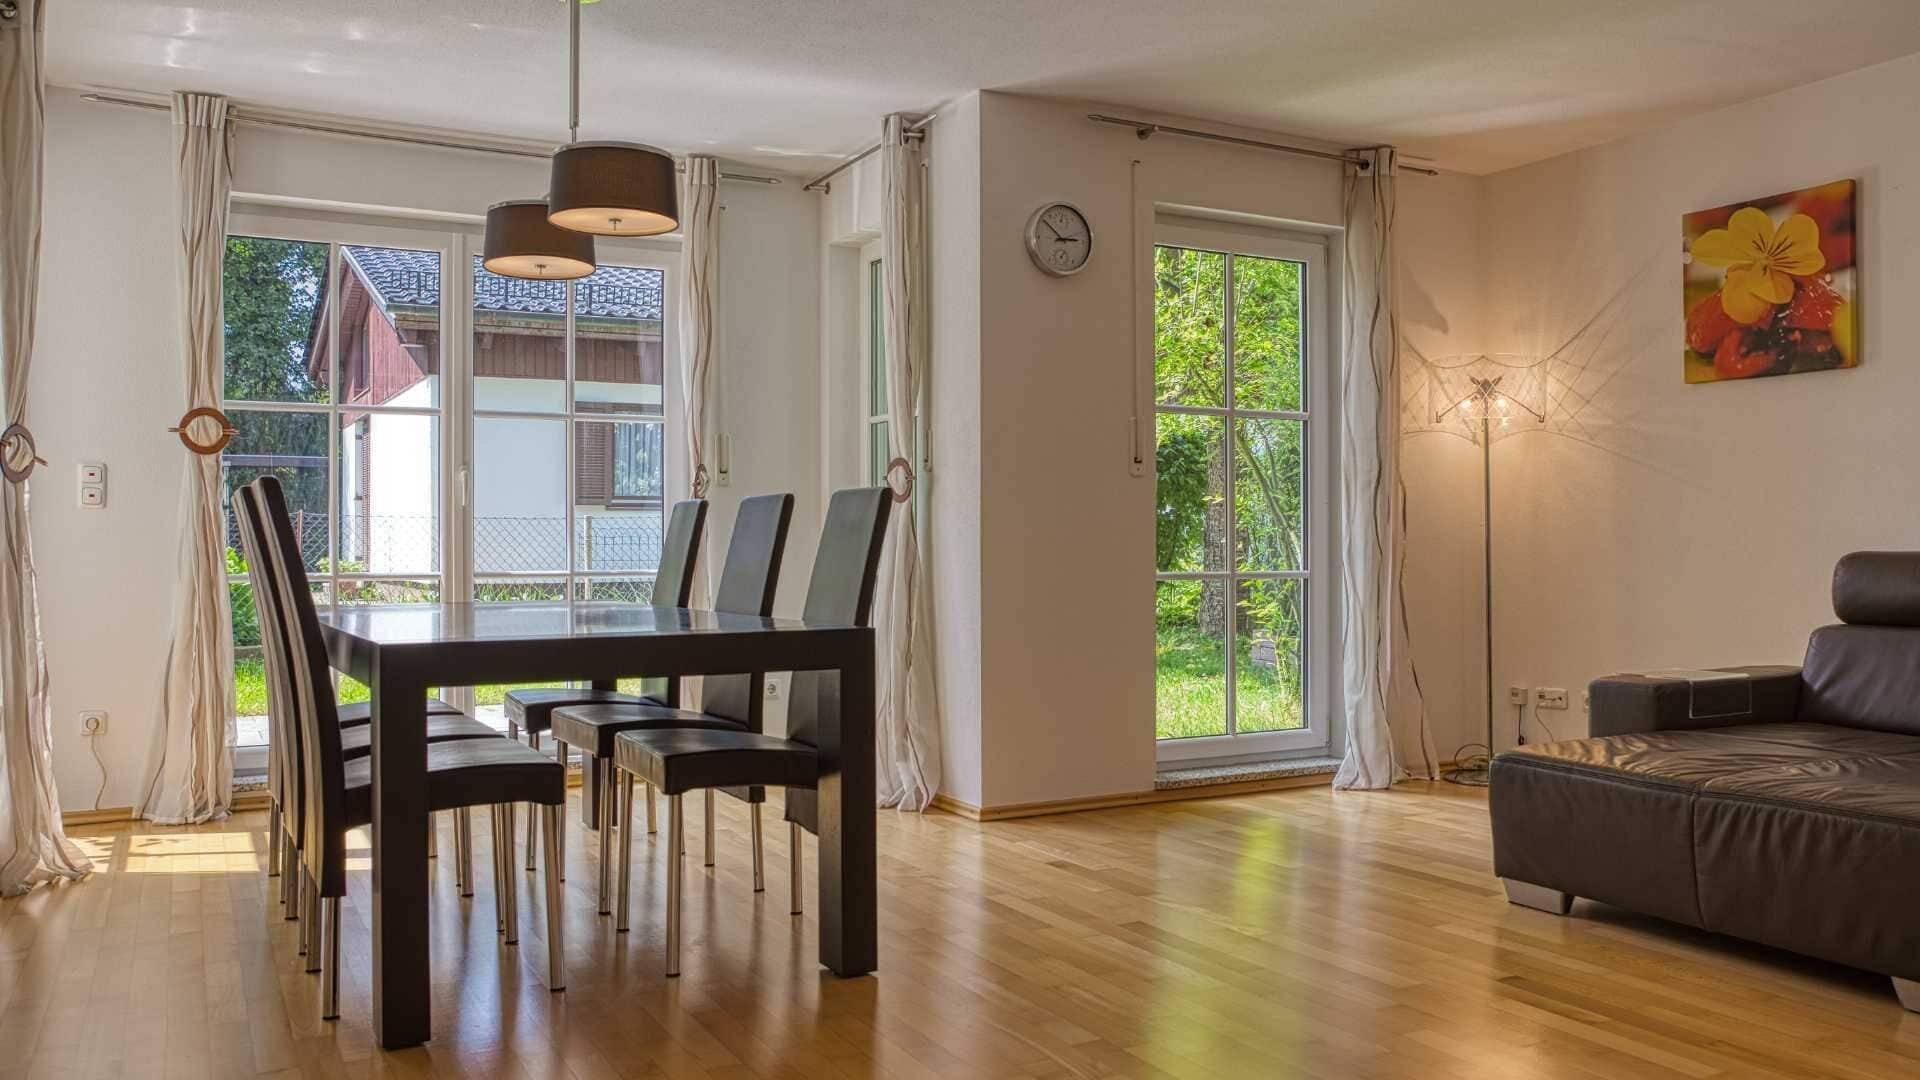 Solln Wohnung Wohnzimmer